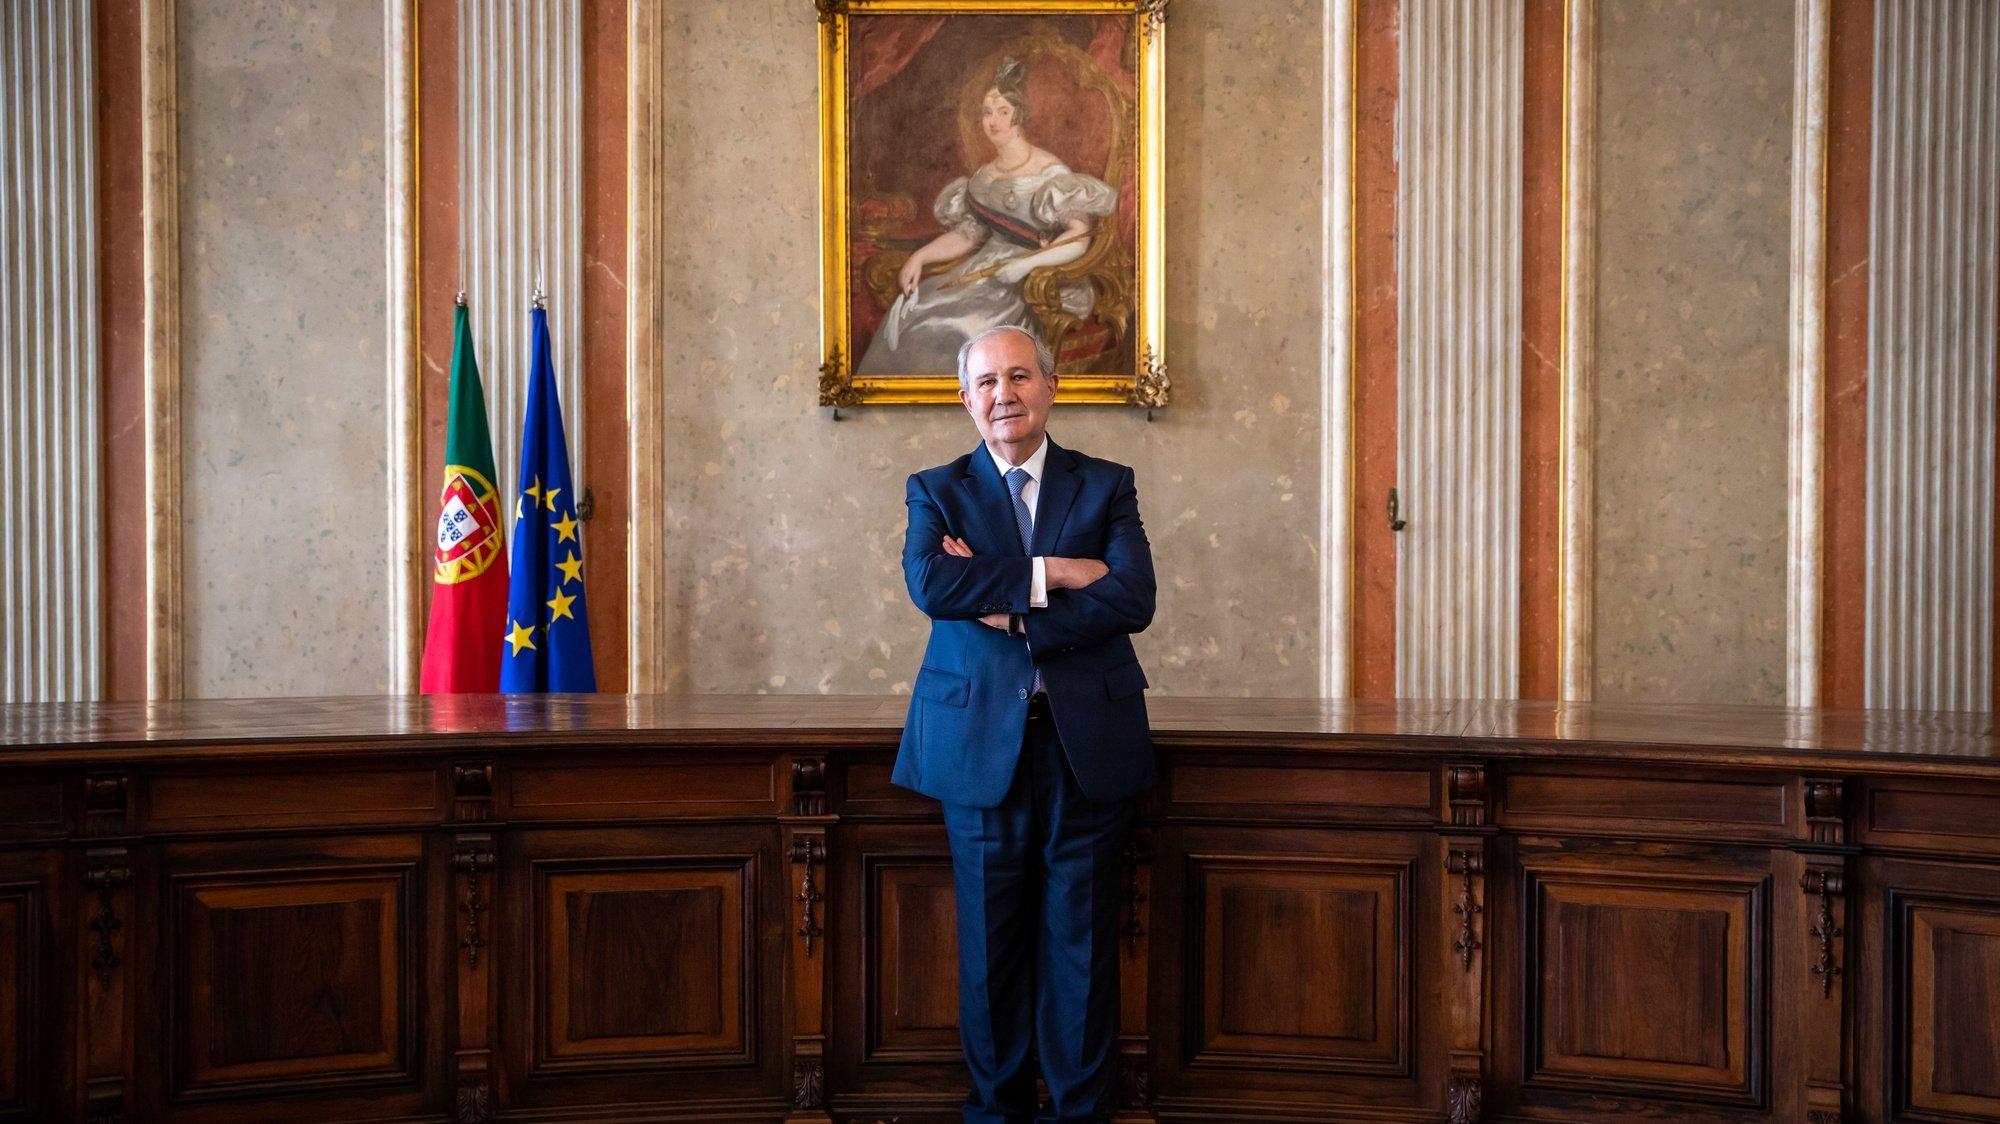 O presidente do Supremo Tribunal de Justiça, António Piçarra, em entrevista à Agência Lusa, no Supremo Tribunal de Justiça, em Lisboa, 06 de abril de 2021.  JOSE SENA GOULAO/LUSA (ACOMPANHA TEXTO DE 08 DE ABRIL DE 2021)